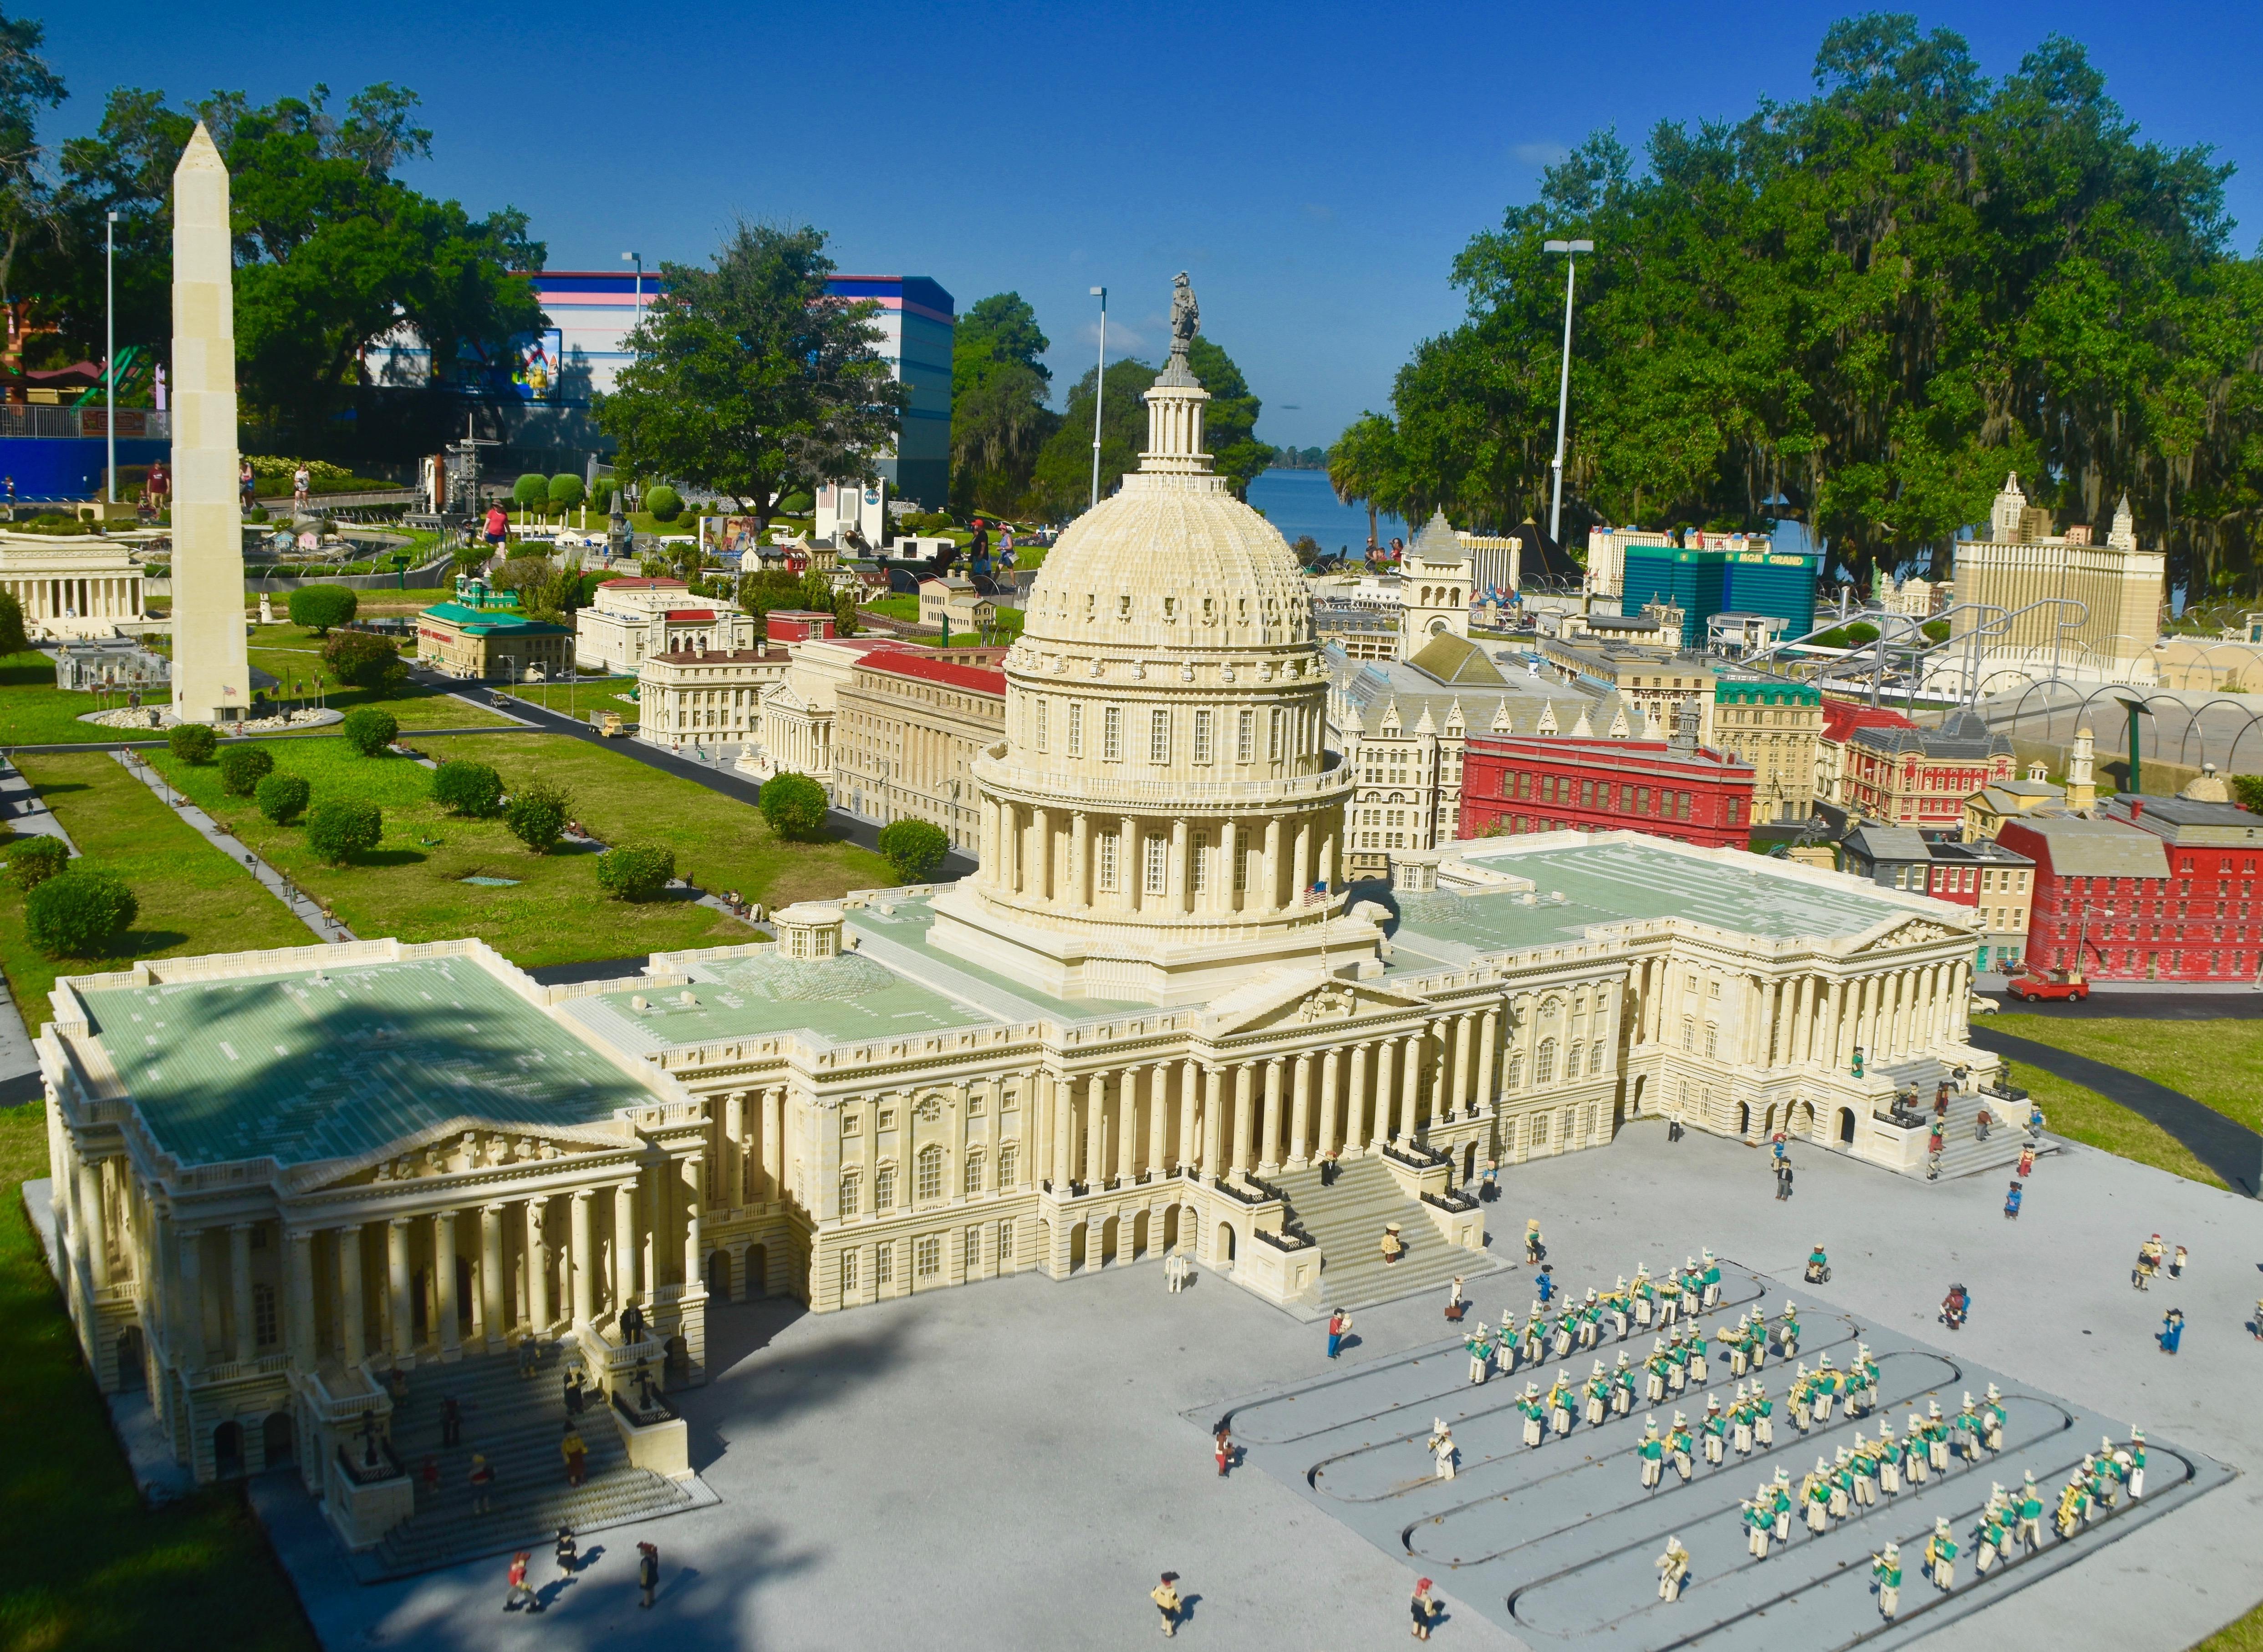 Capitol Building, Legoland Florida